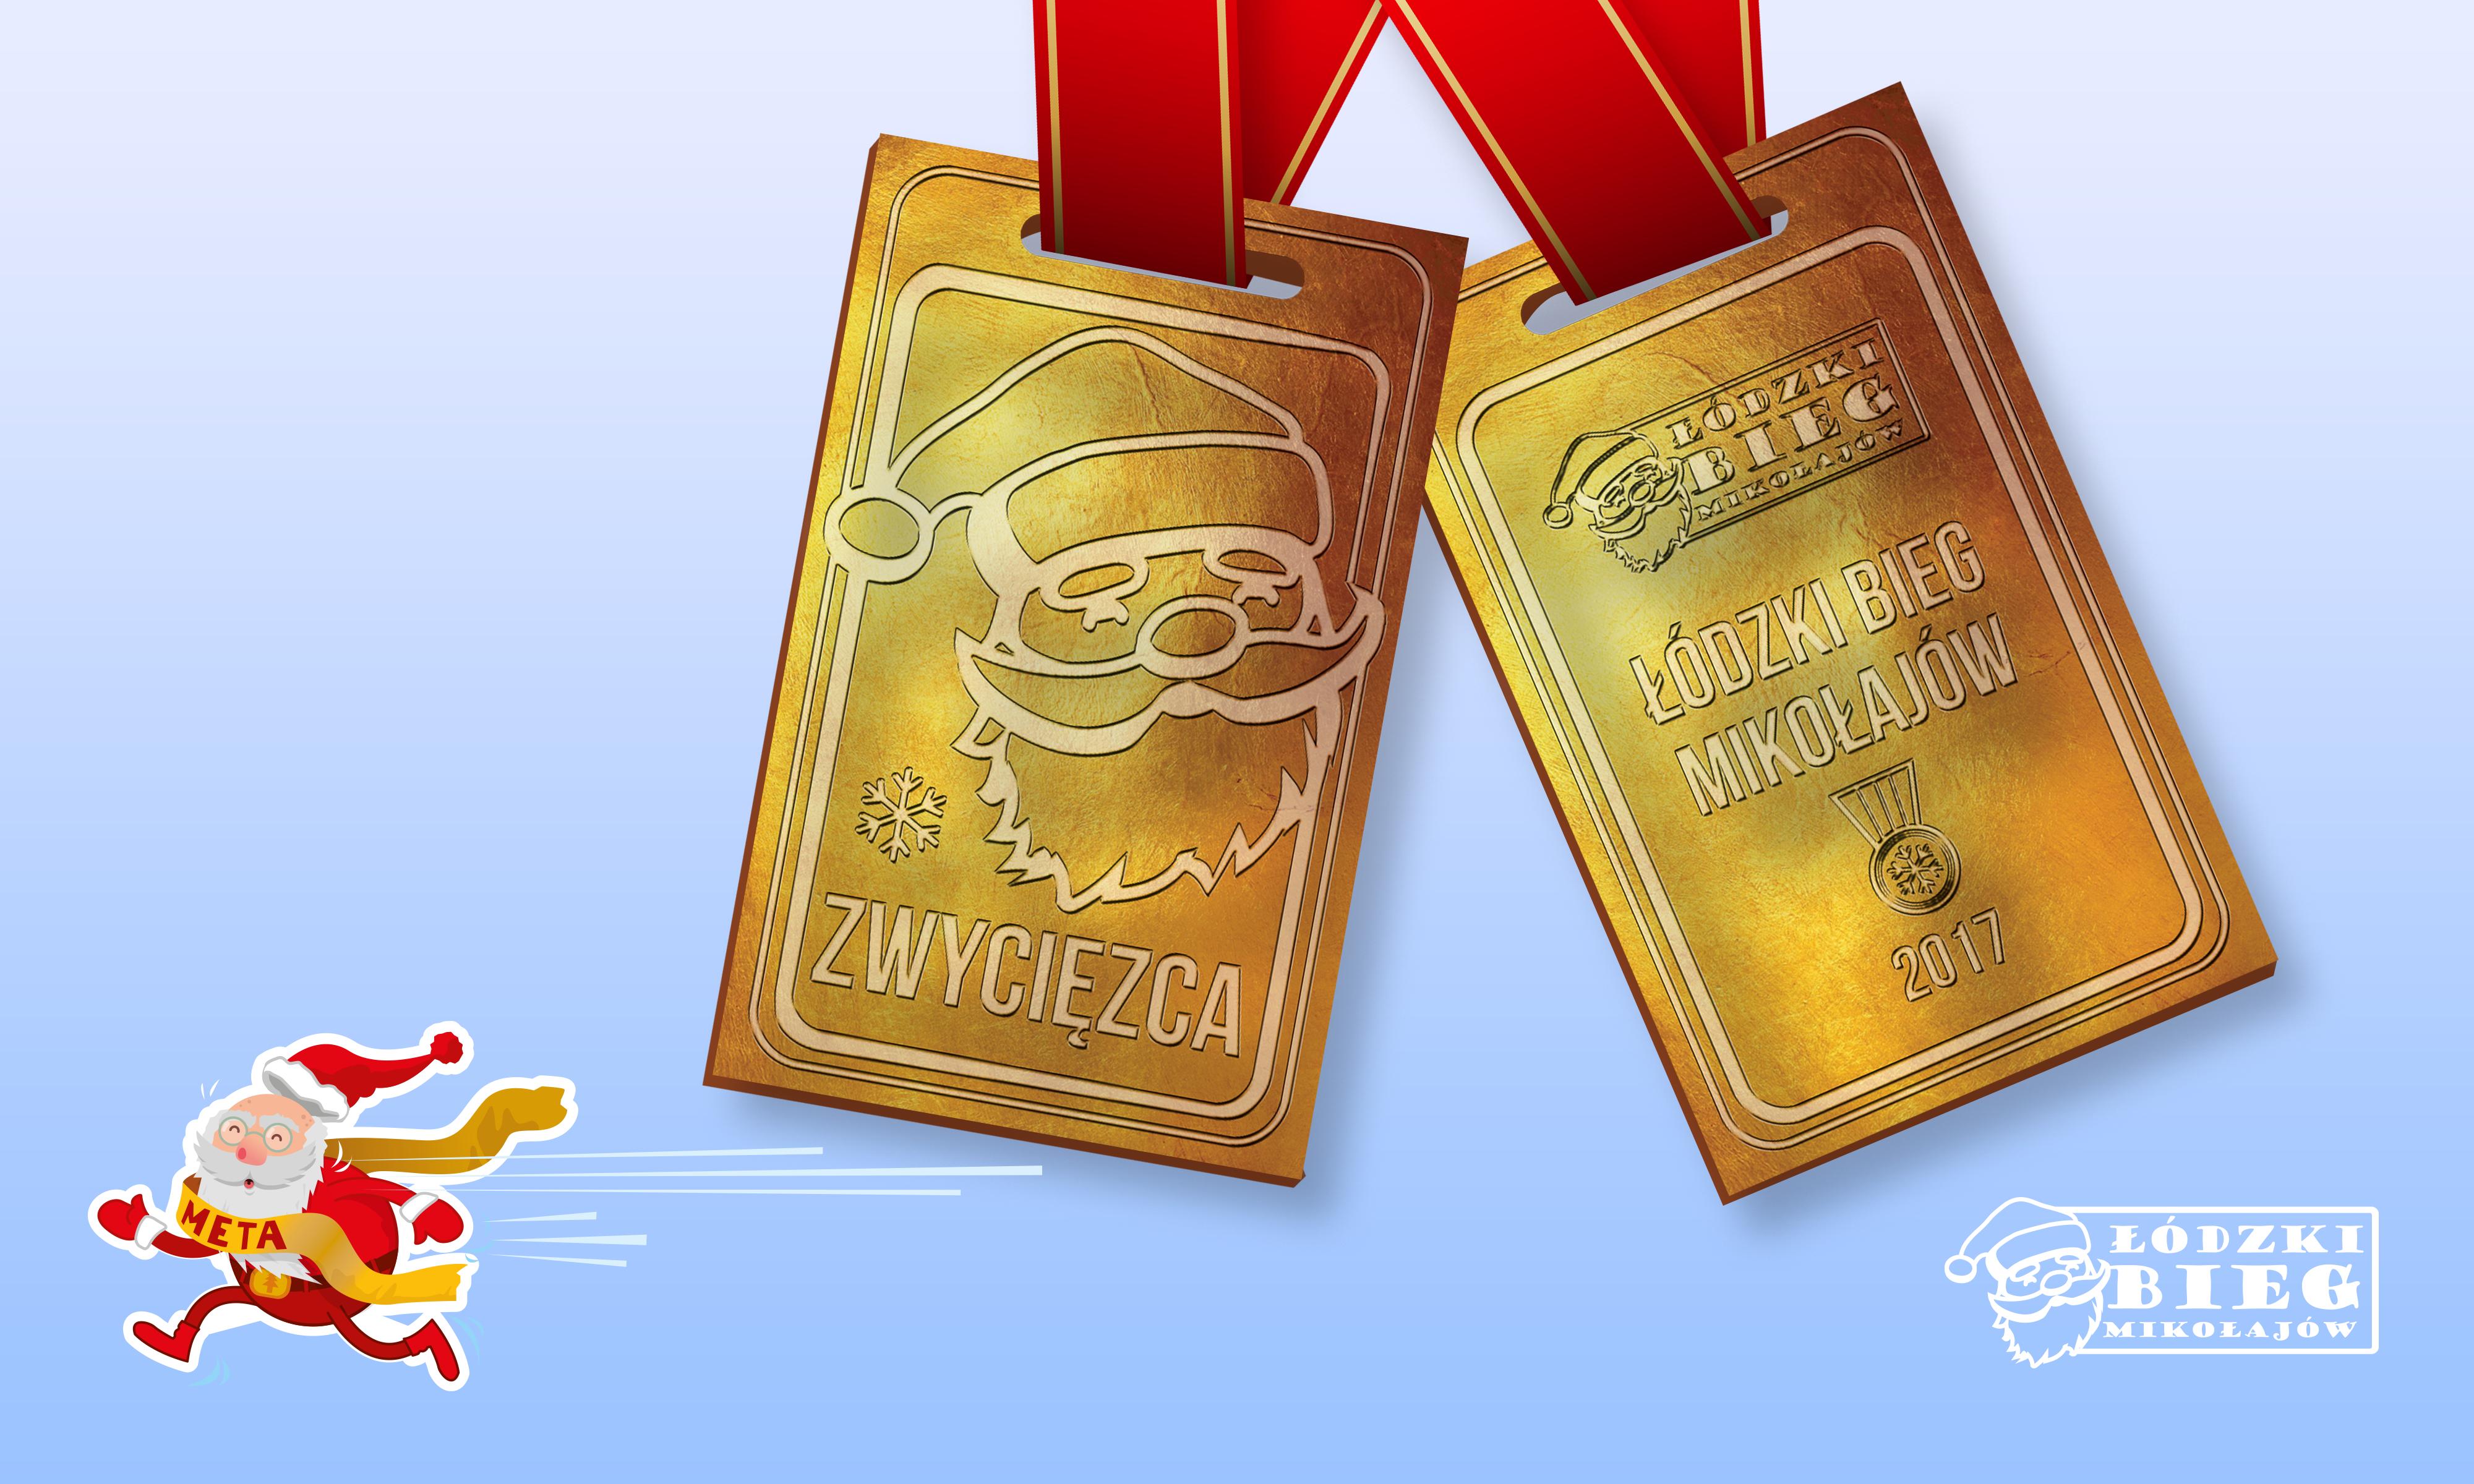 Łódzki Bieg Mikołajów medal 2017